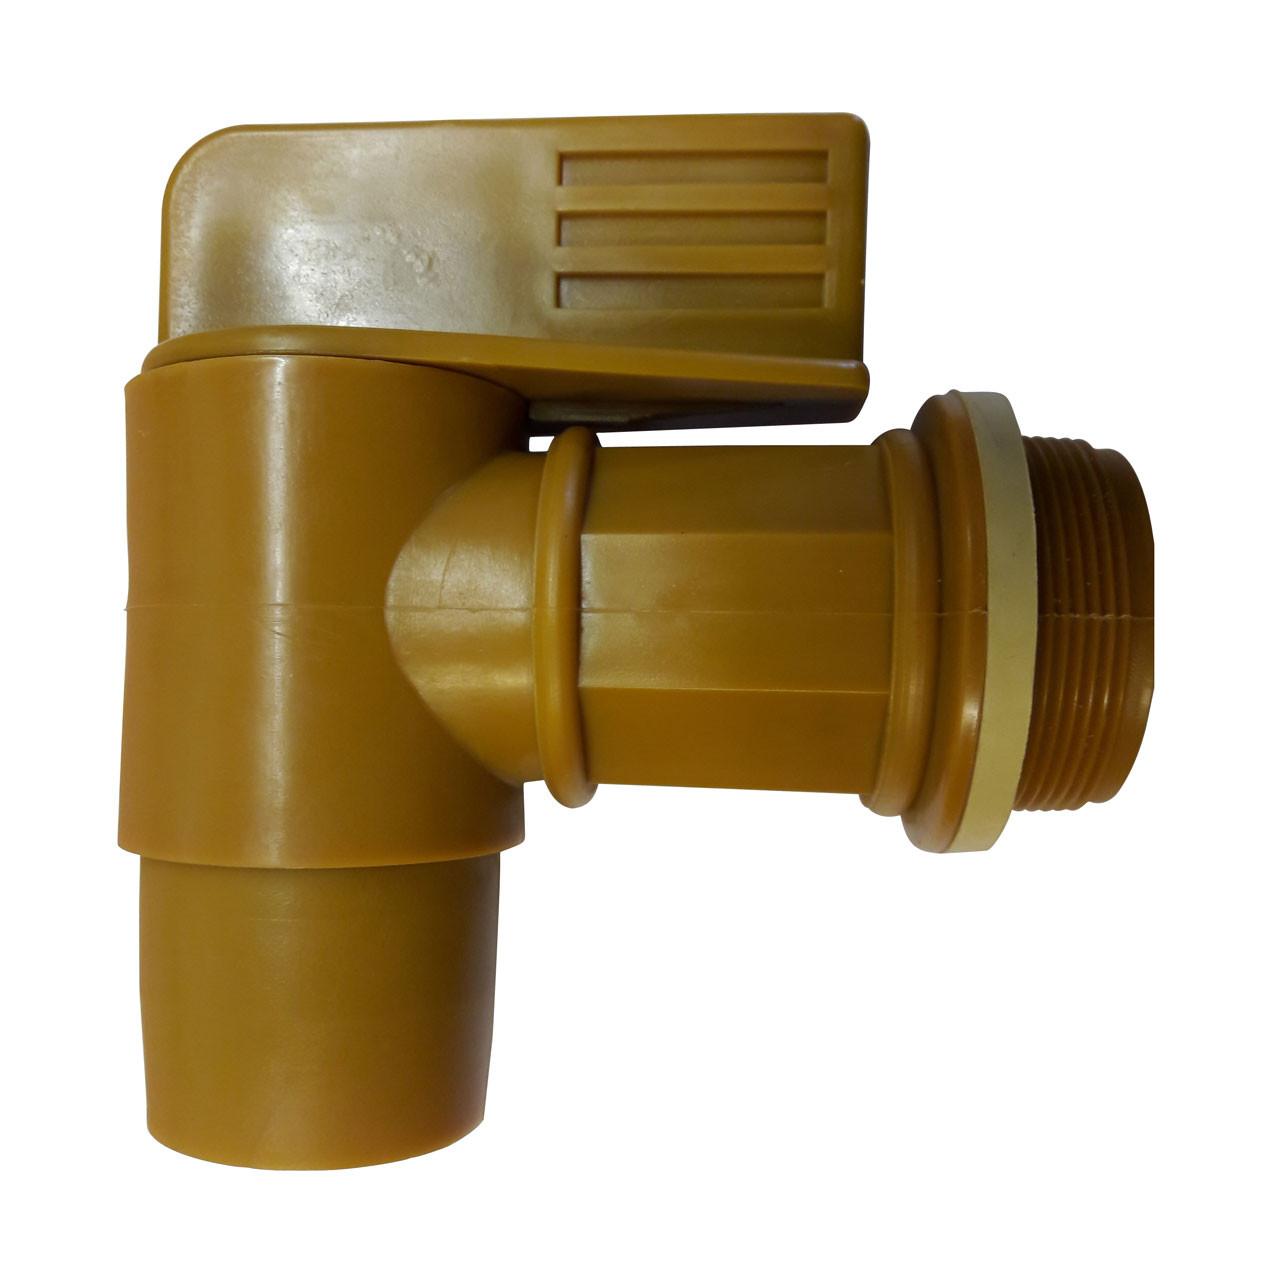 2 in npt high flow drum faucet